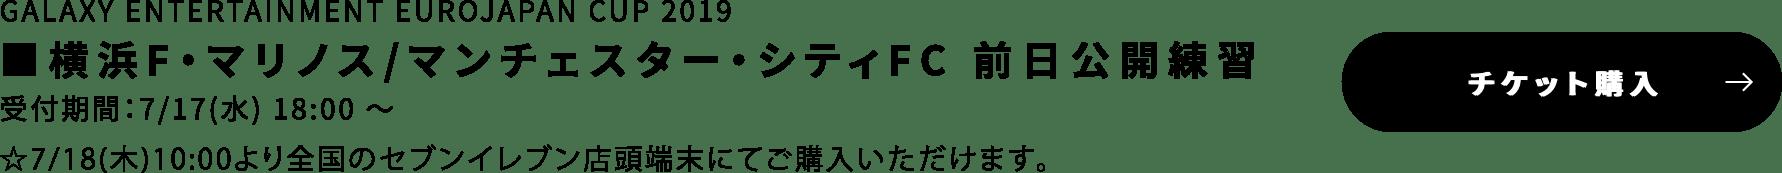 一般発売 受付期間:6/1(土) 10:00 ~